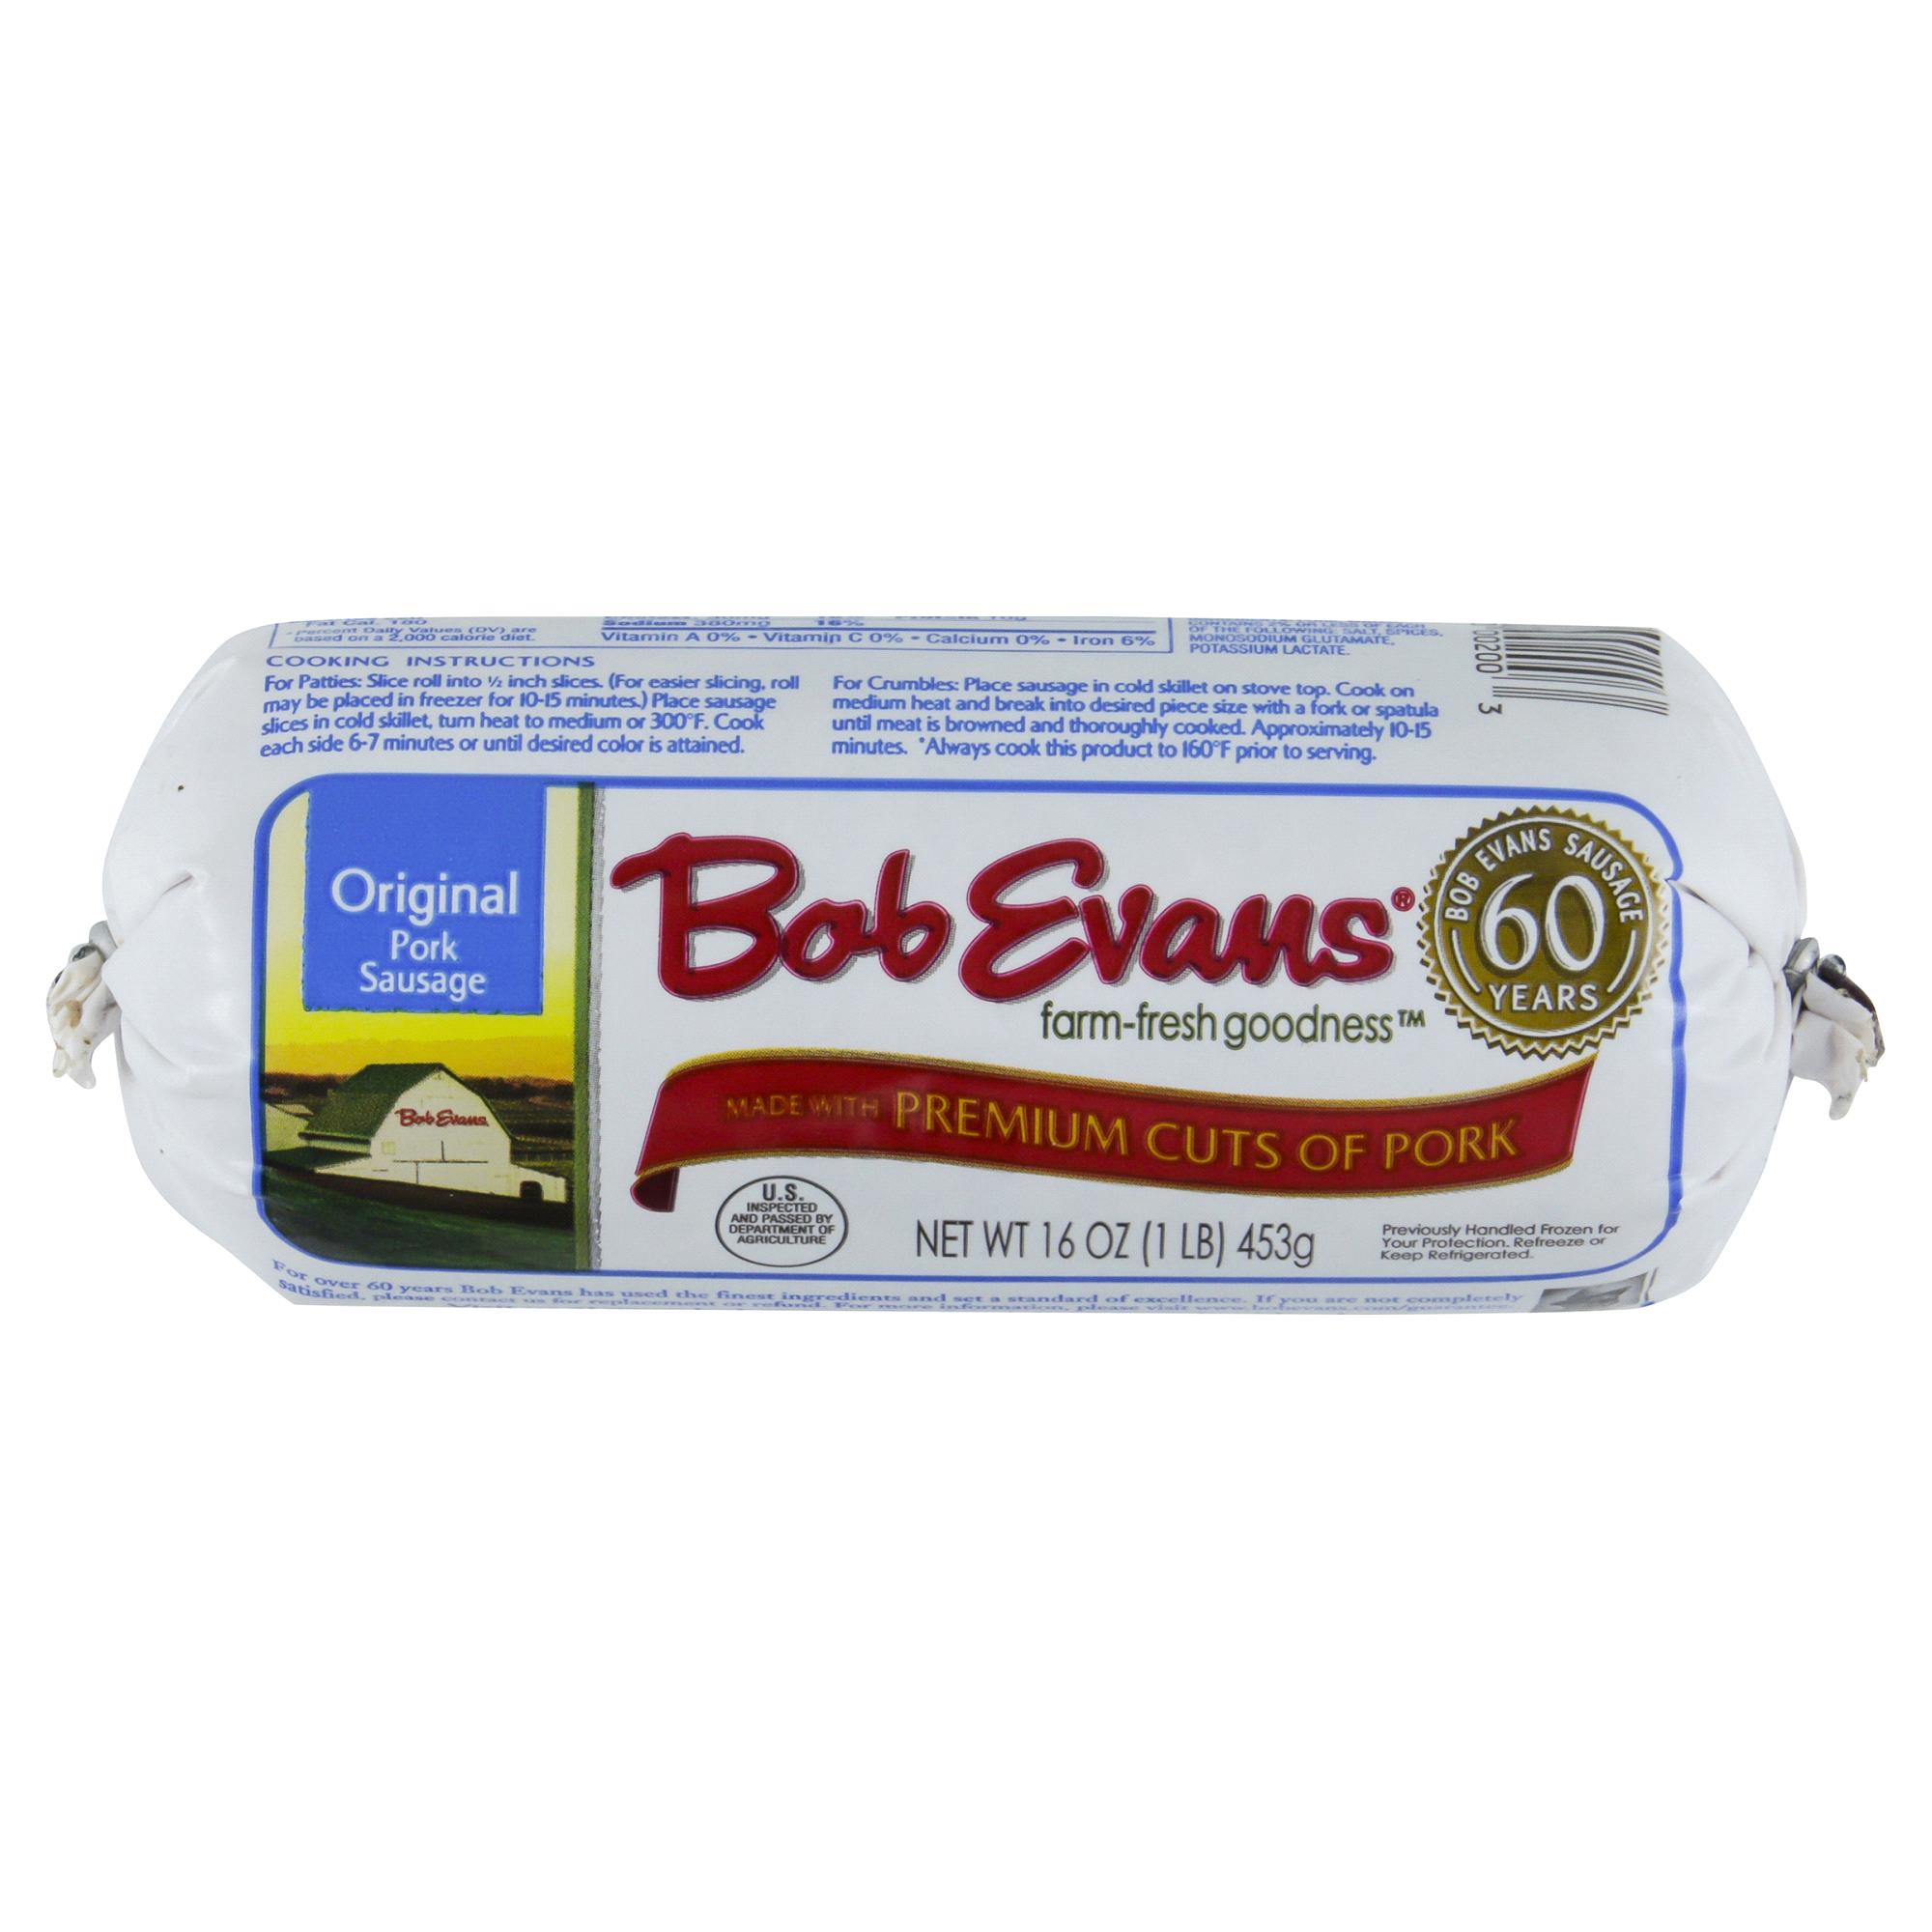 Bob Evans Pork Sausage Roll Original 16 oz   Meijer.com